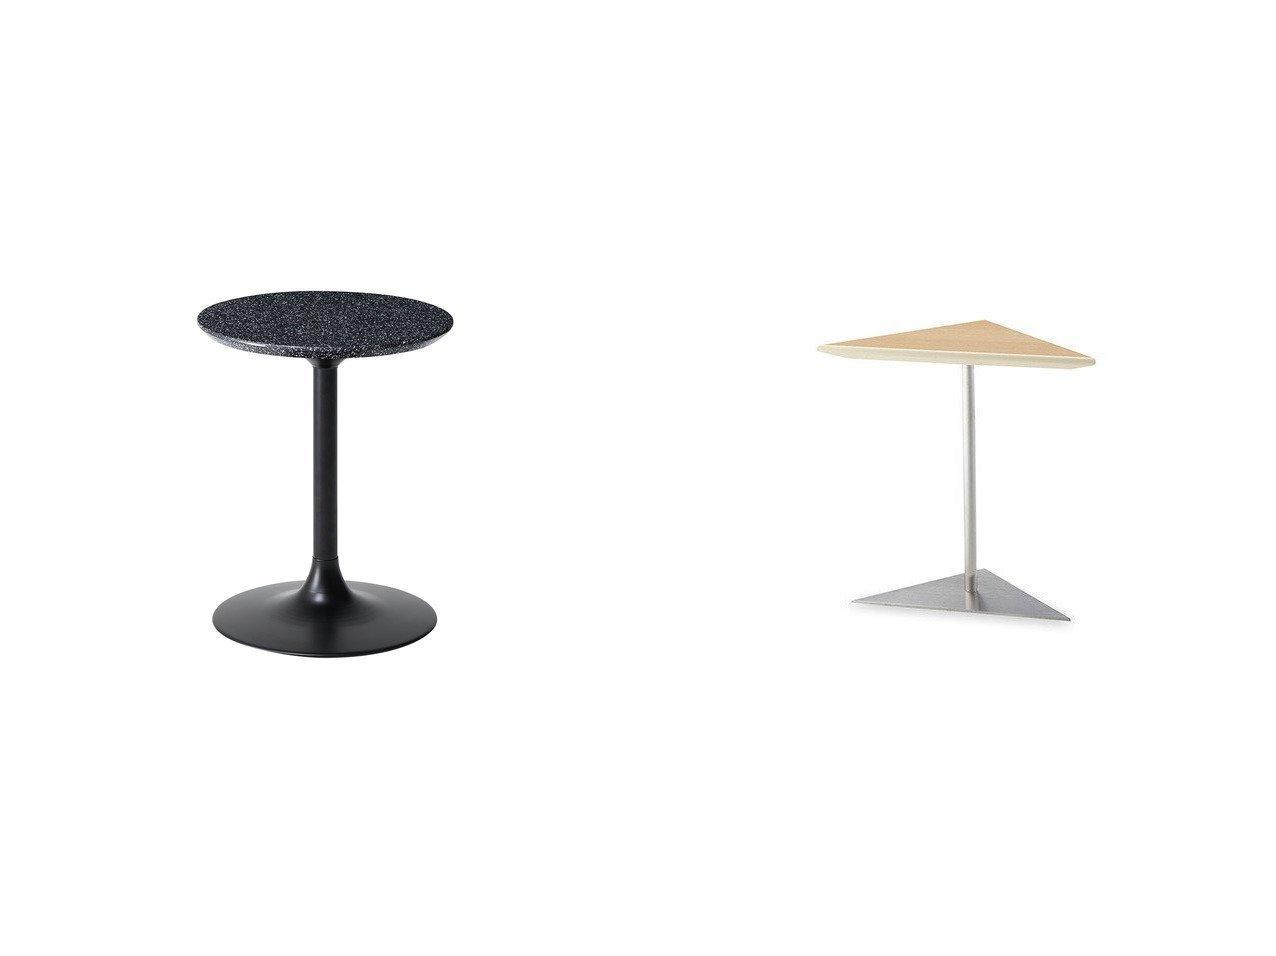 【FLYMEe Noir/フライミー ノワール】のサイドテーブル 高さ49cm f58262(UV塗装)&コーナーテーブル f70220 【FURNITURE】おすすめ!人気、インテリア・家具の通販 おすすめで人気の流行・トレンド、ファッションの通販商品 メンズファッション・キッズファッション・インテリア・家具・レディースファッション・服の通販 founy(ファニー) https://founy.com/ 送料無料 Free Shipping テーブル ホーム・キャンプ・アウトドア Home,Garden,Outdoor,Camping Gear 家具・インテリア Furniture テーブル Table サイドテーブル・小テーブル |ID:crp329100000039820